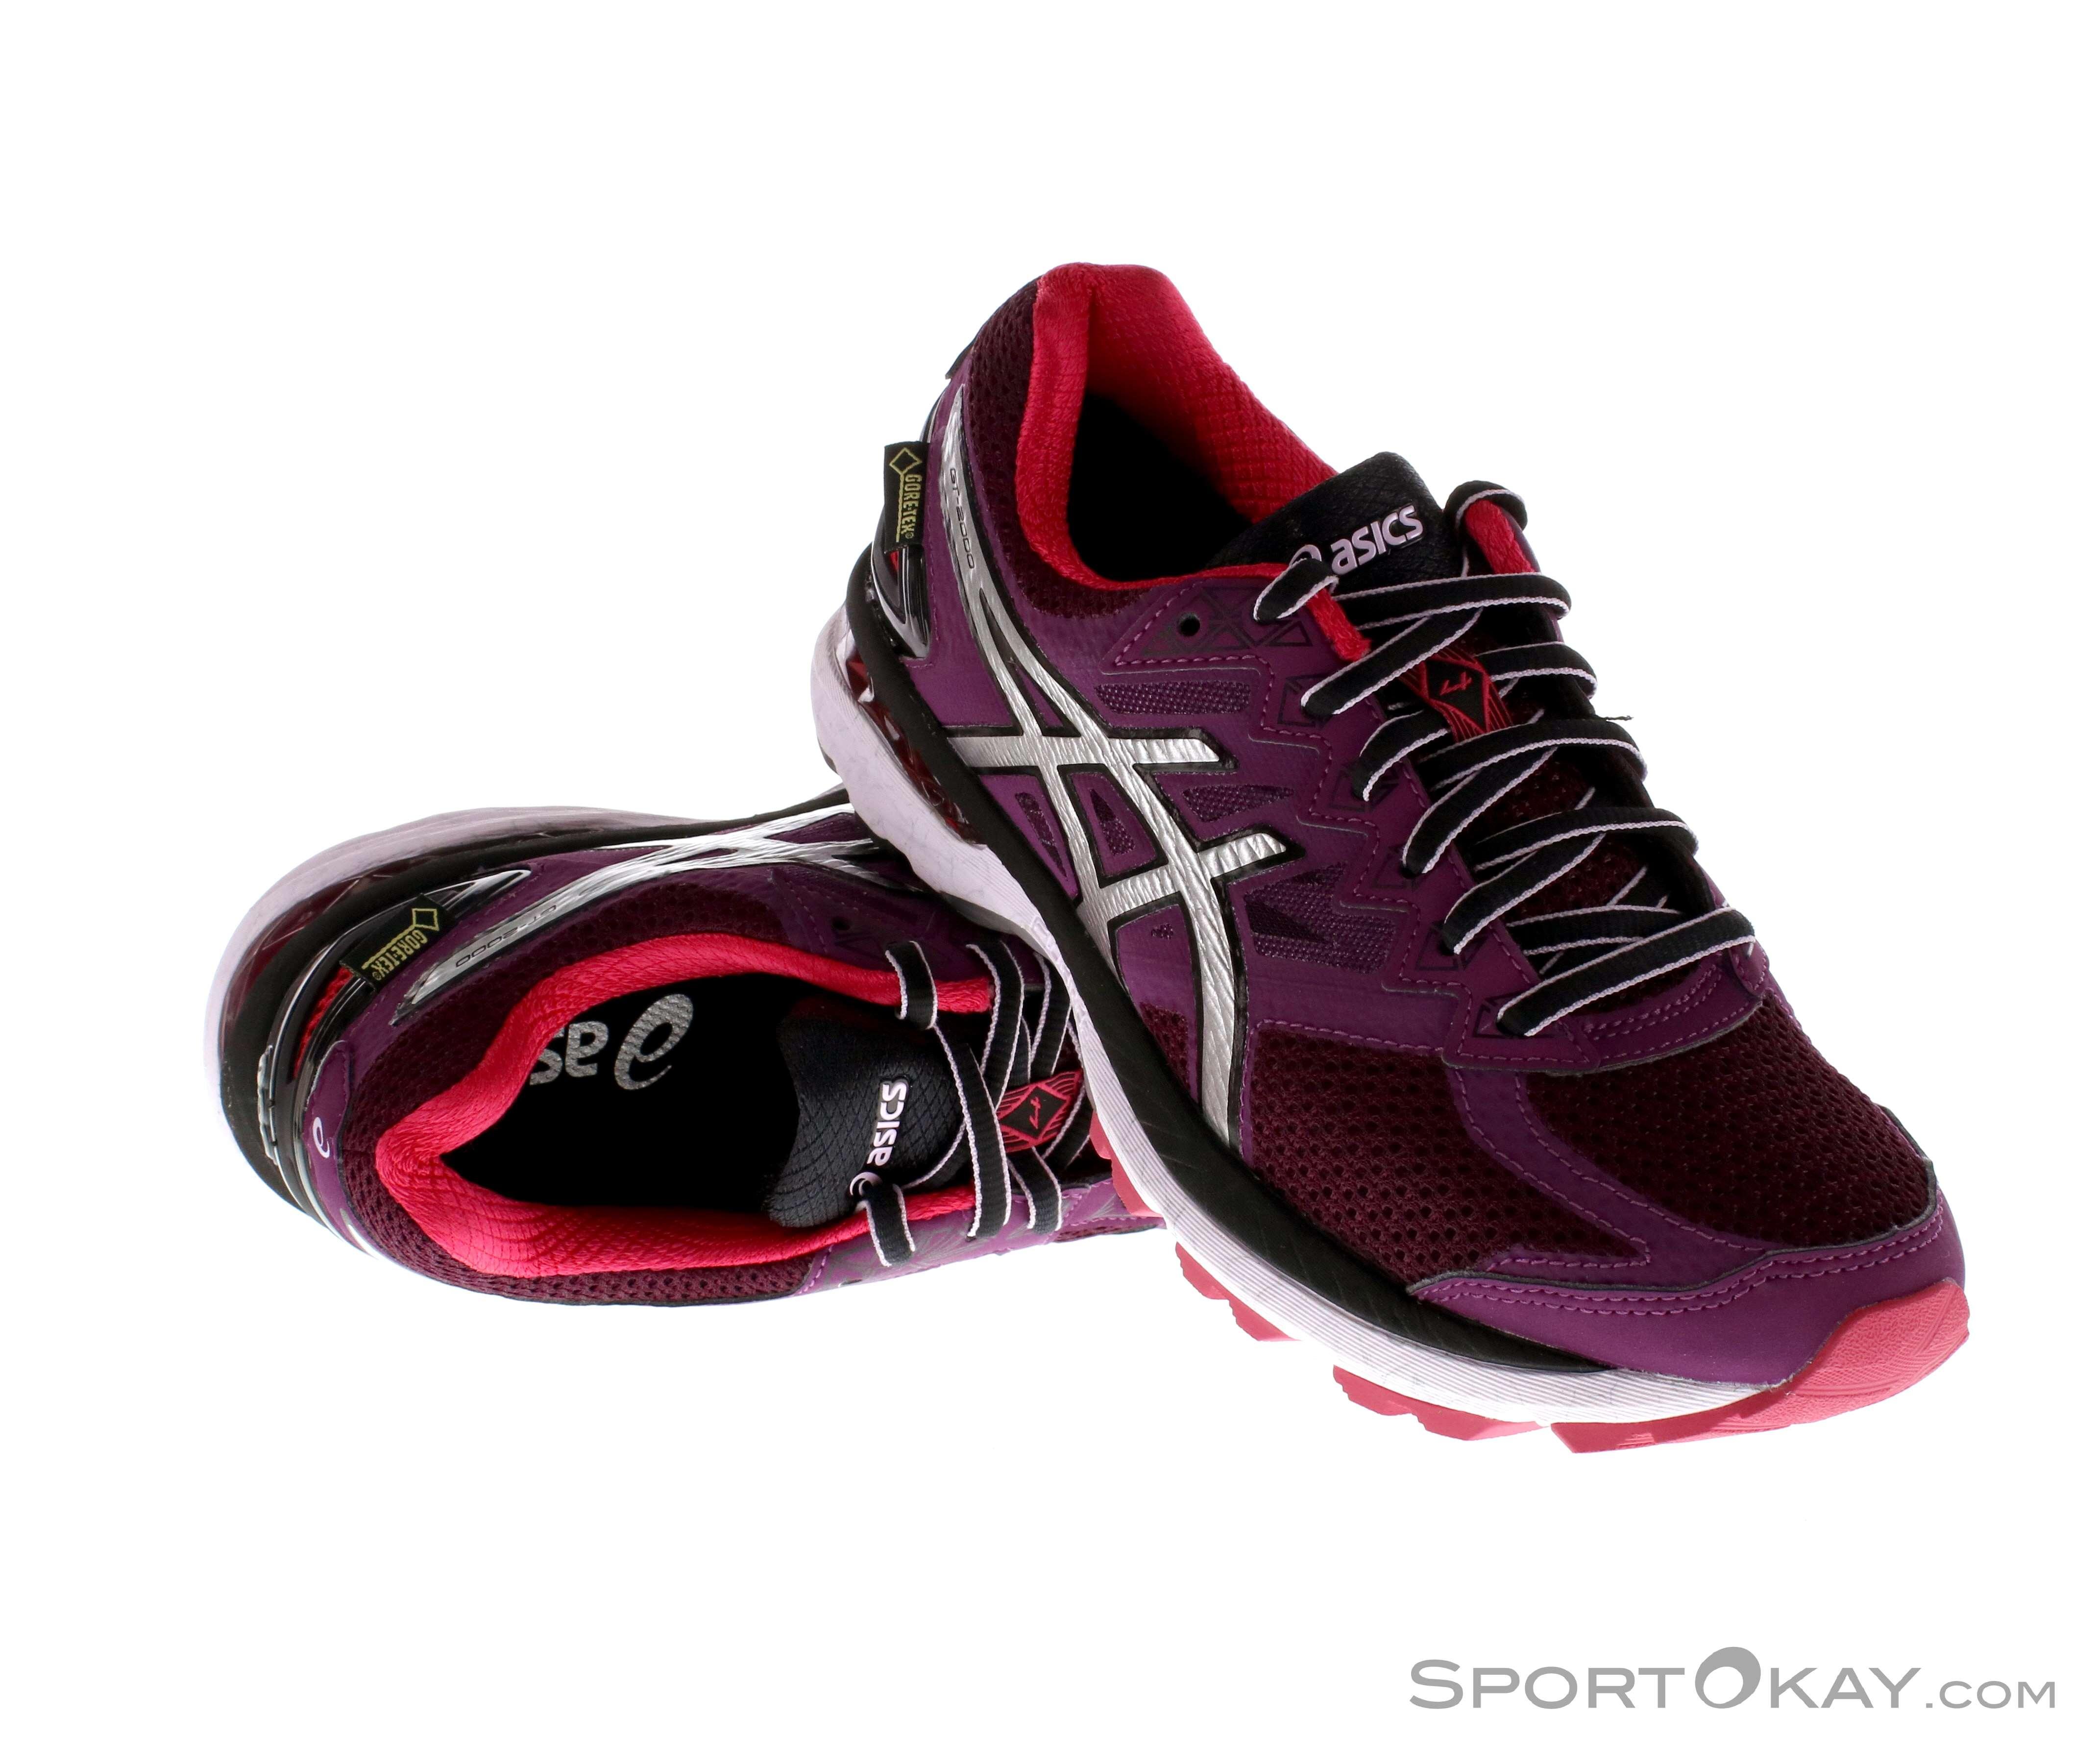 Asics Asics GT 2000 4 GTX Womens Running Shoes